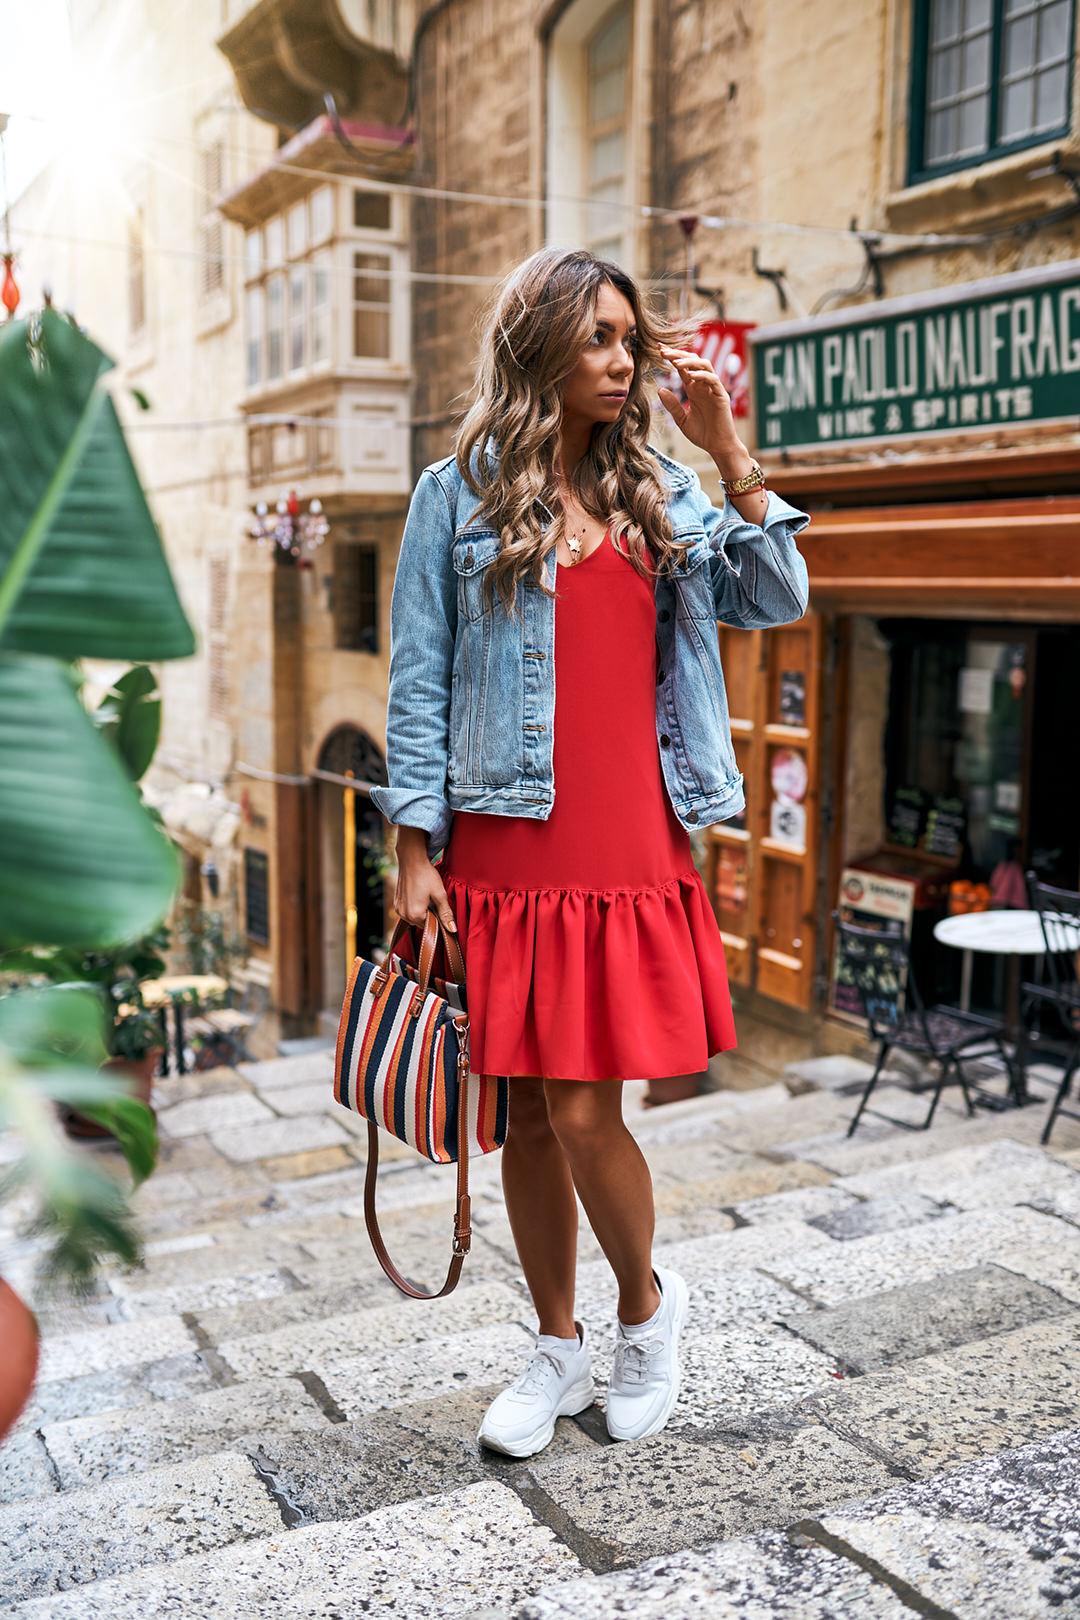 Czerwona sukienka na co dzień OlivkaBlog.pl to moda